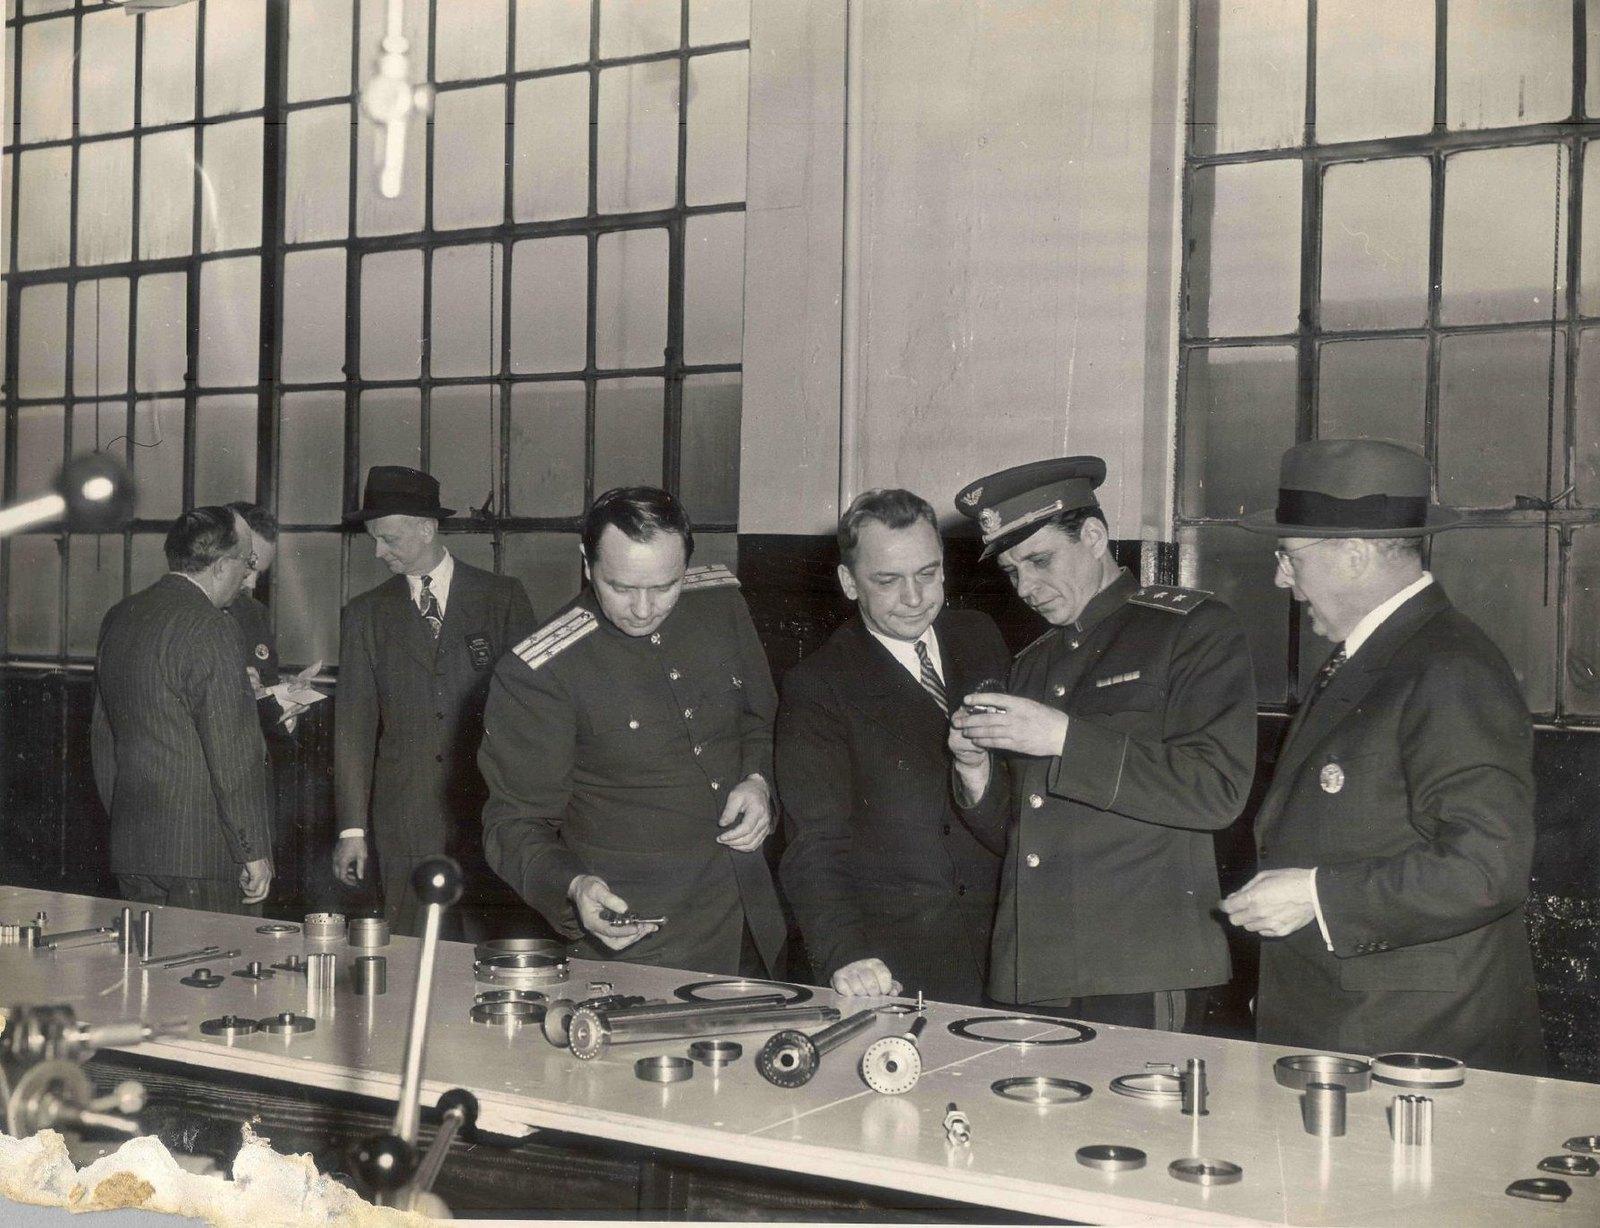 1943. Пискунов Сергей Аверьянович в числе делегации на заводе «Форд» (США), выпускающем самолеты